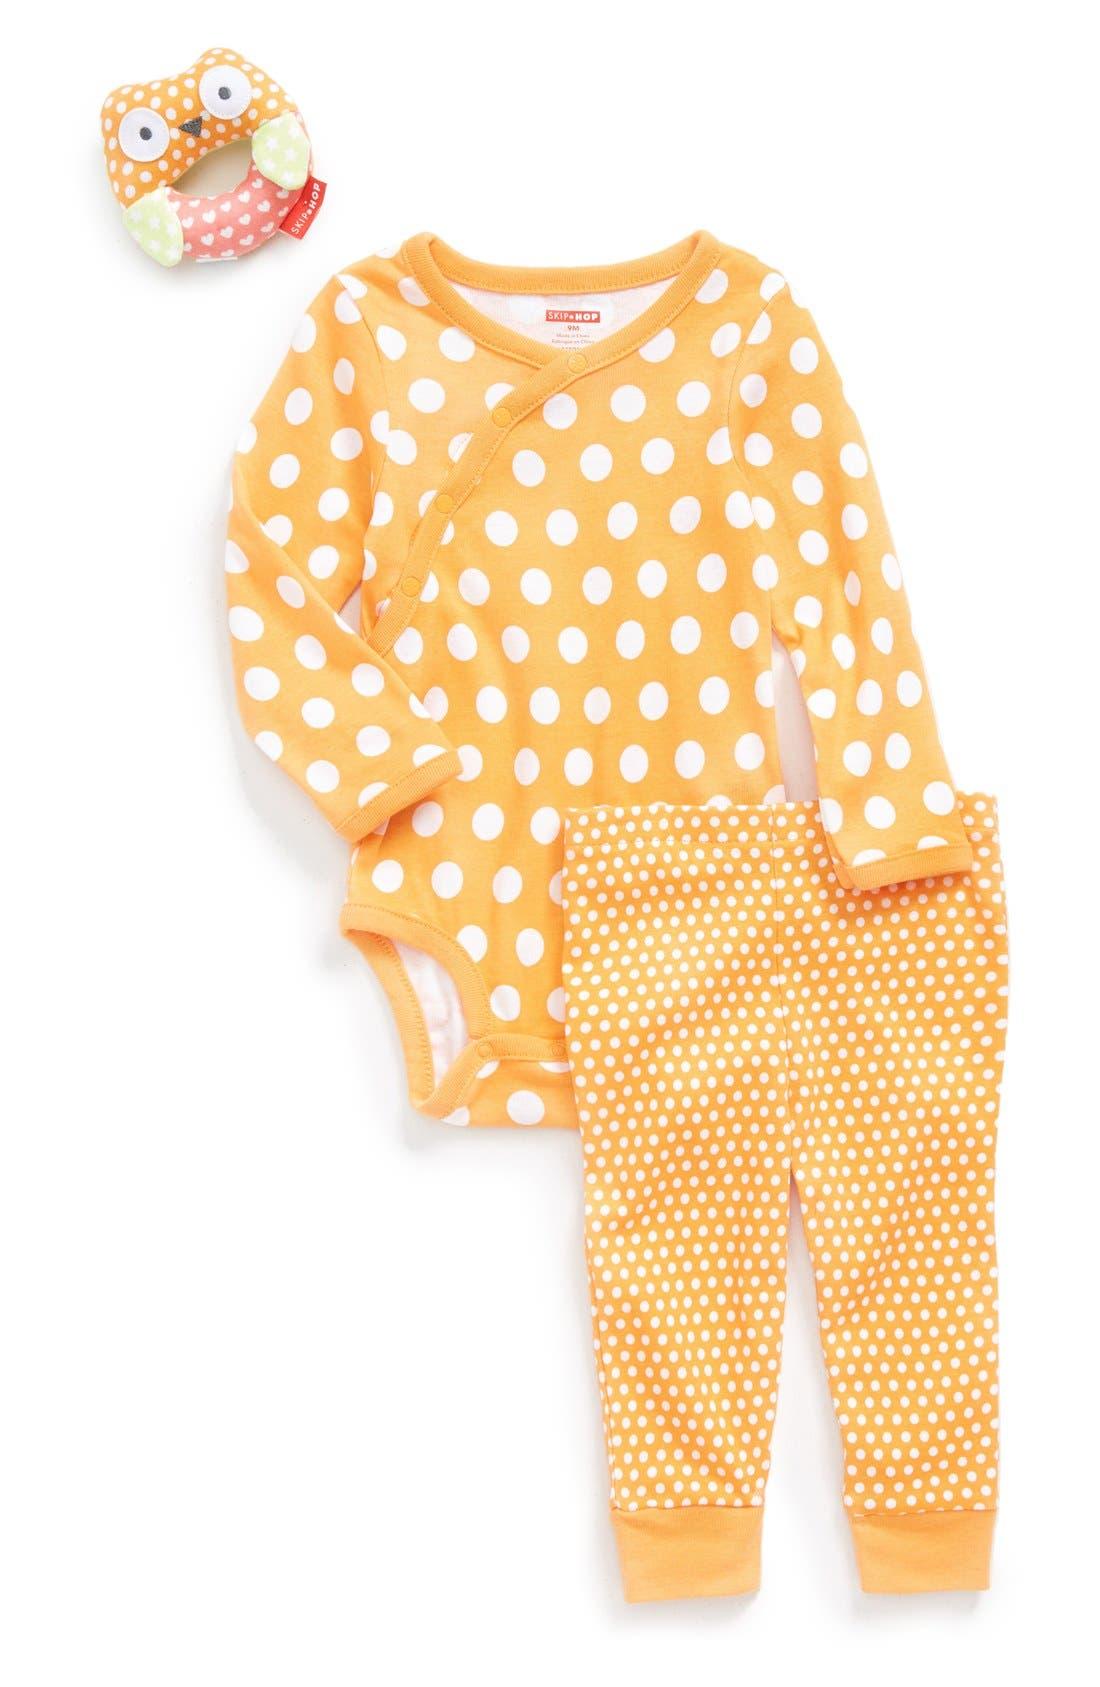 SKIP HOP Long Sleeve Wrap Bodysuit, Pants & Rattle, Main, color, 800